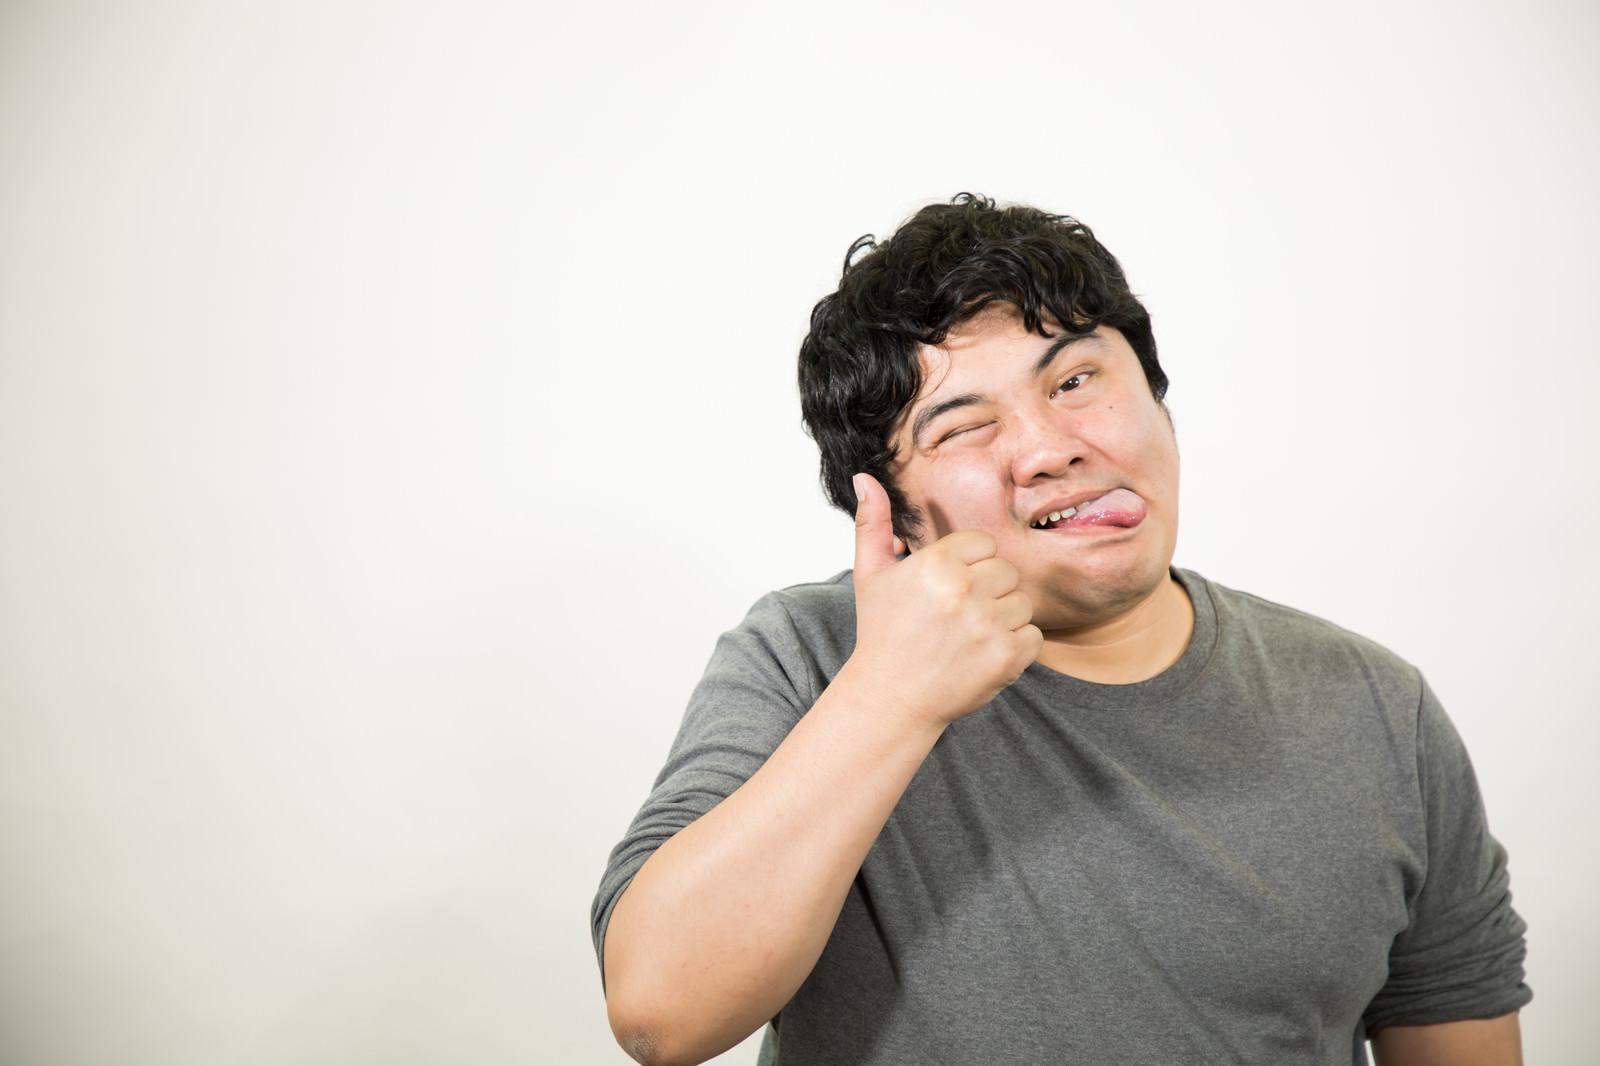 「テヘペロいいね | 写真の無料素材・フリー素材 - ぱくたそ」の写真[モデル:段田隼人]